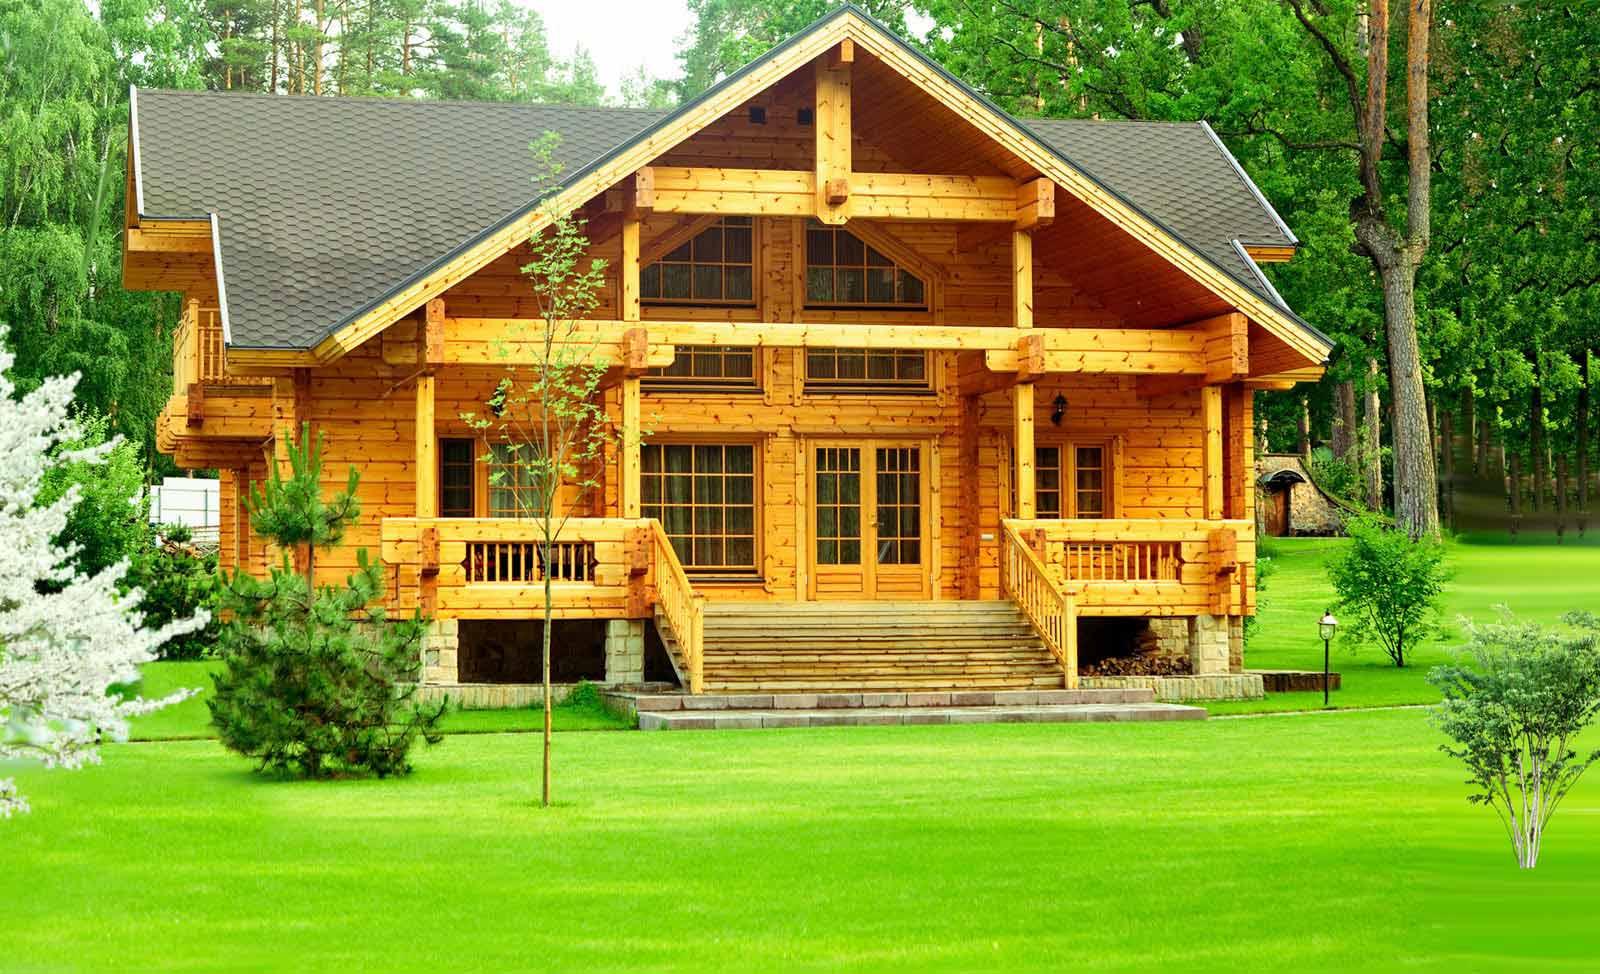 Деревянный дом на зеленой лужайке